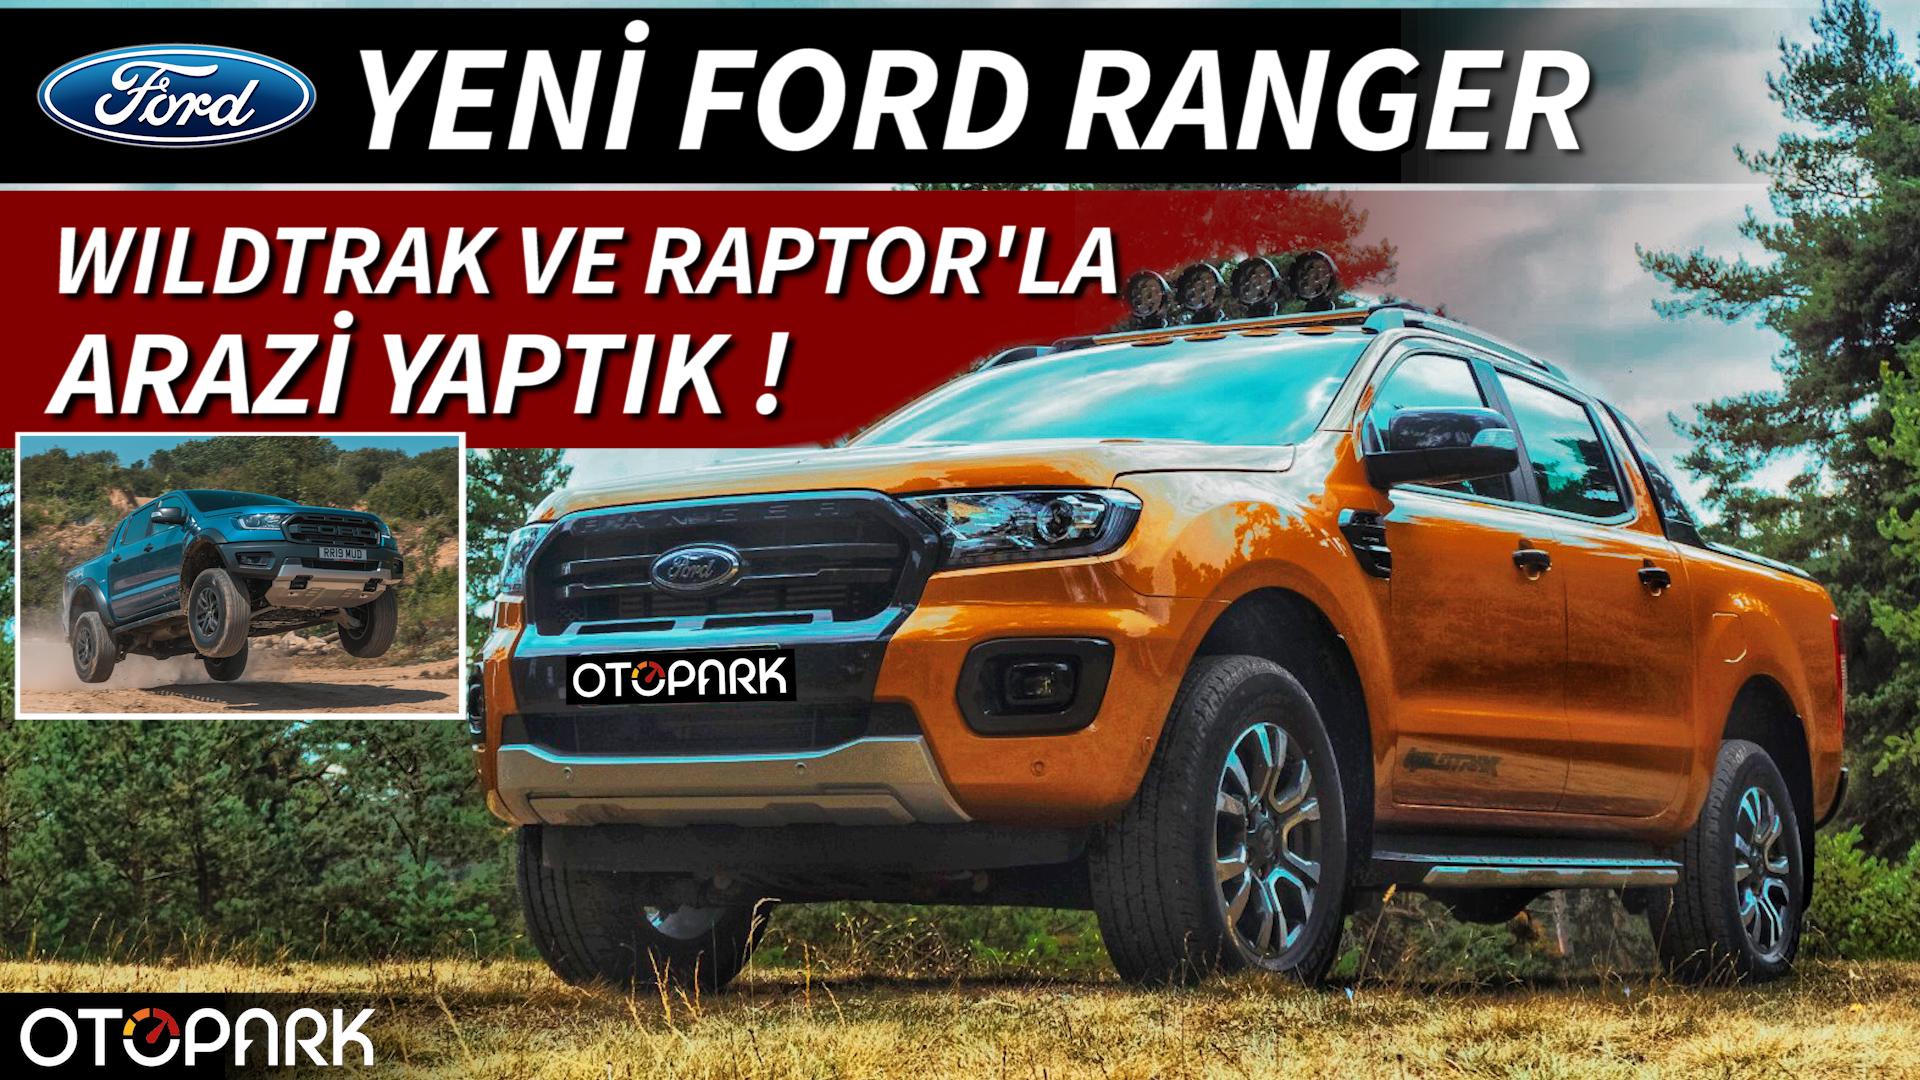 Photo of Yeni Ford Ranger Wildtrak ve Raptor | Arazi yaptık!